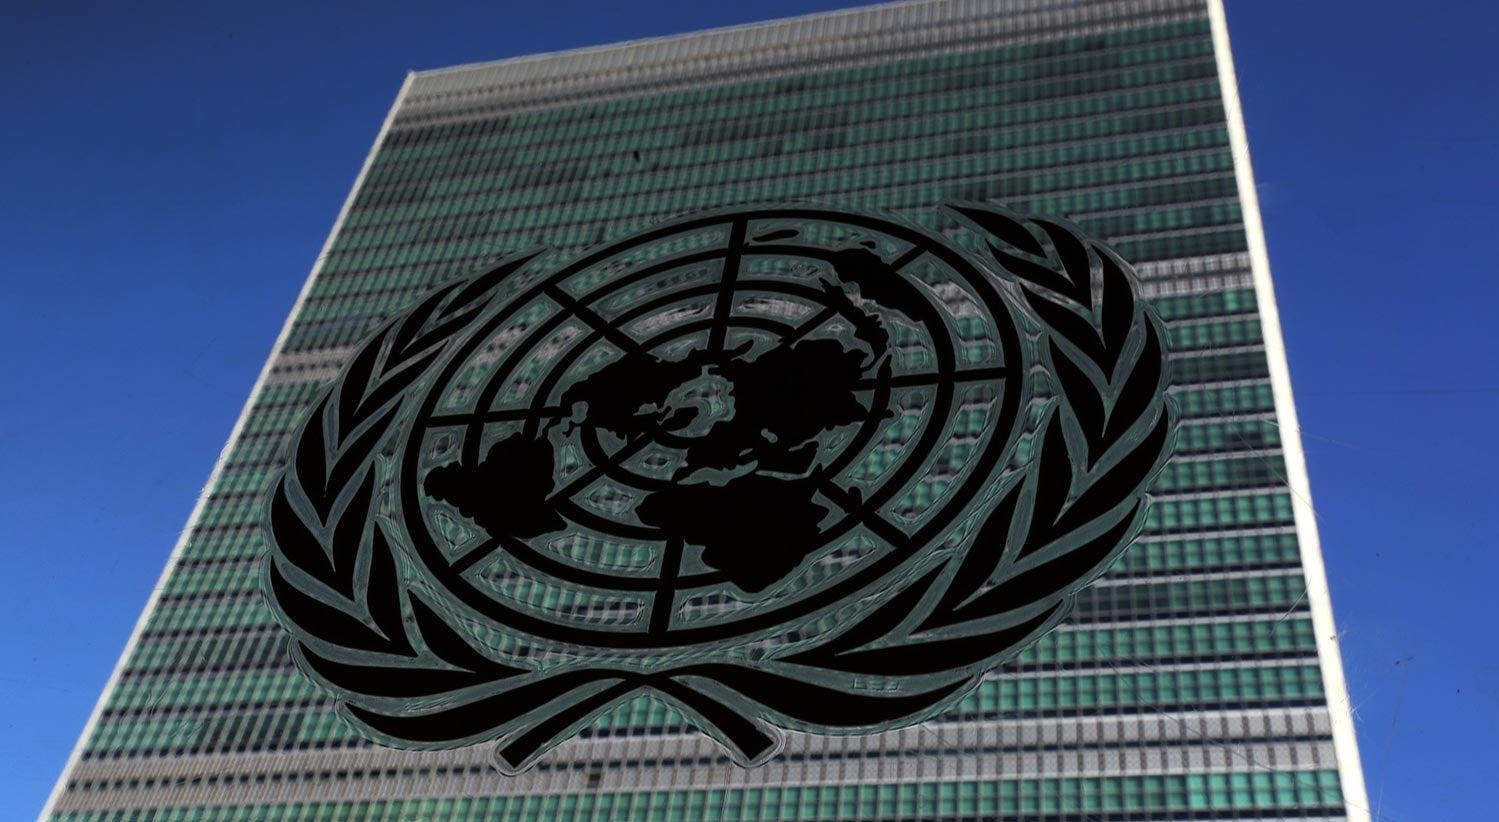 Nações Unidas em português